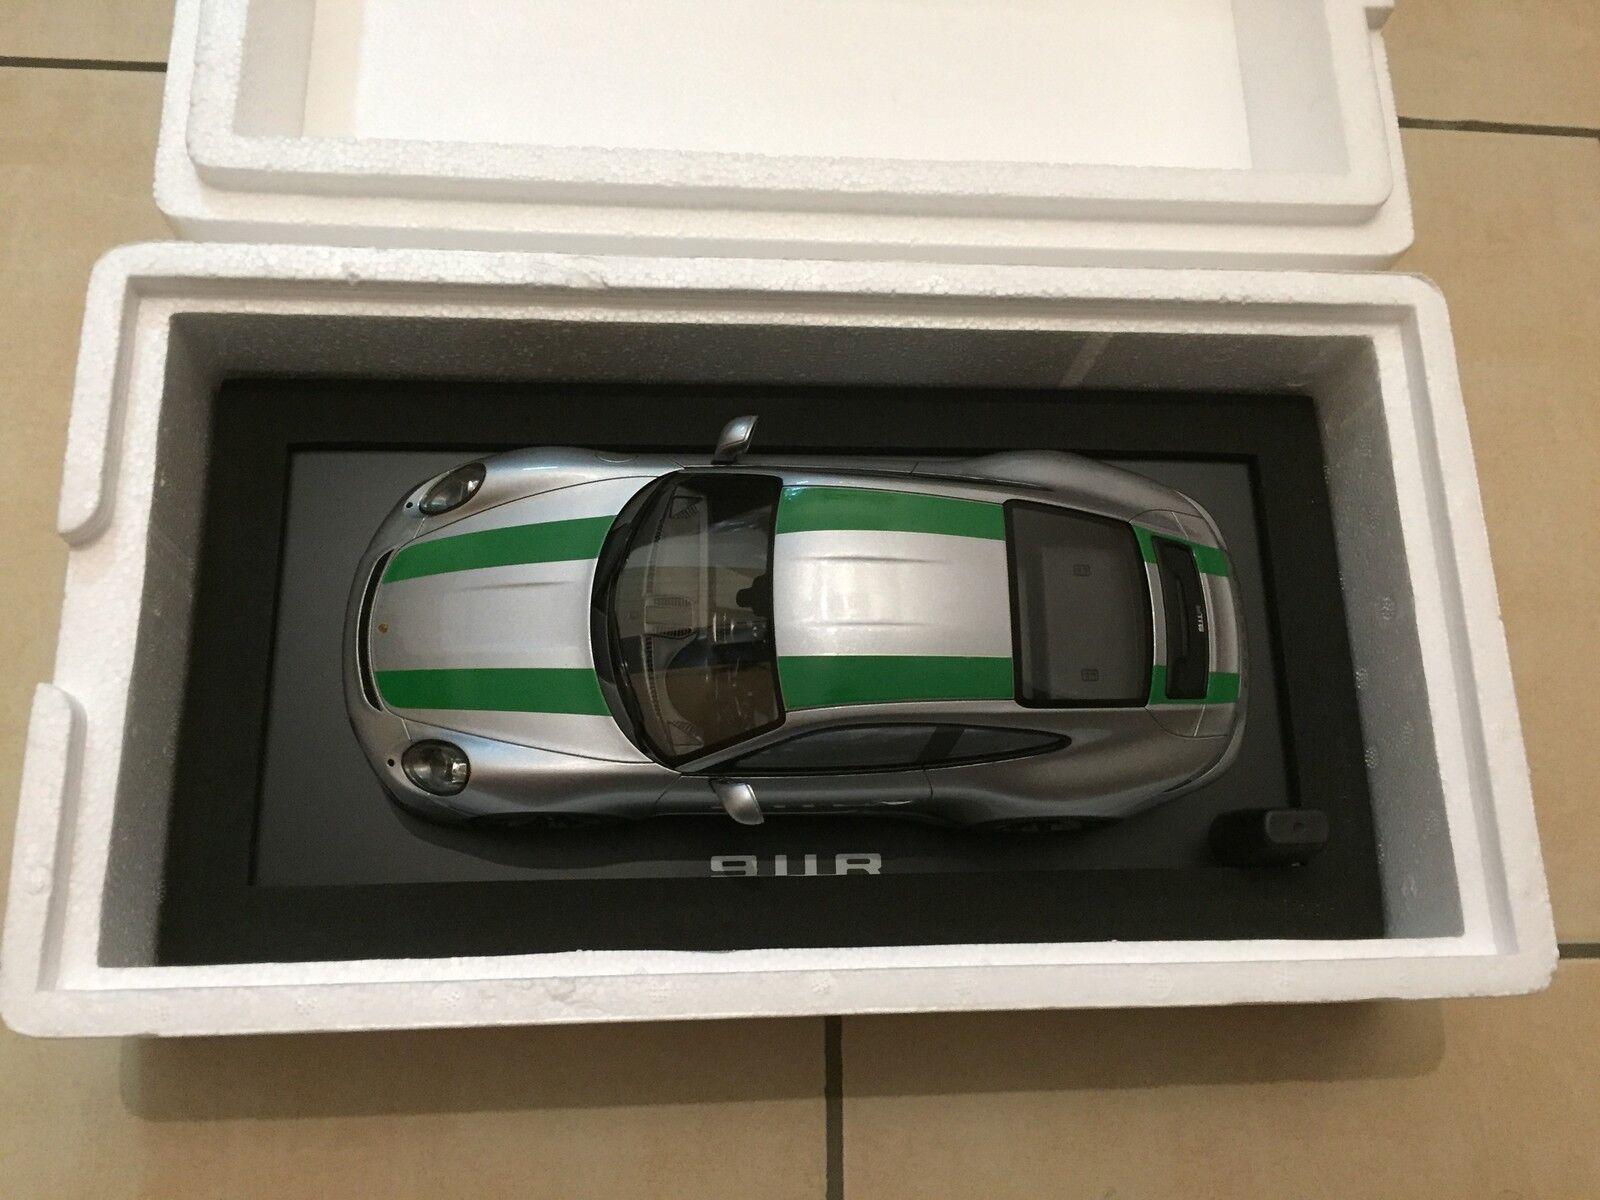 Porsche 911r 1 18 Spark Neu Ovp Dealeredition silver green WAP 021 146 0H